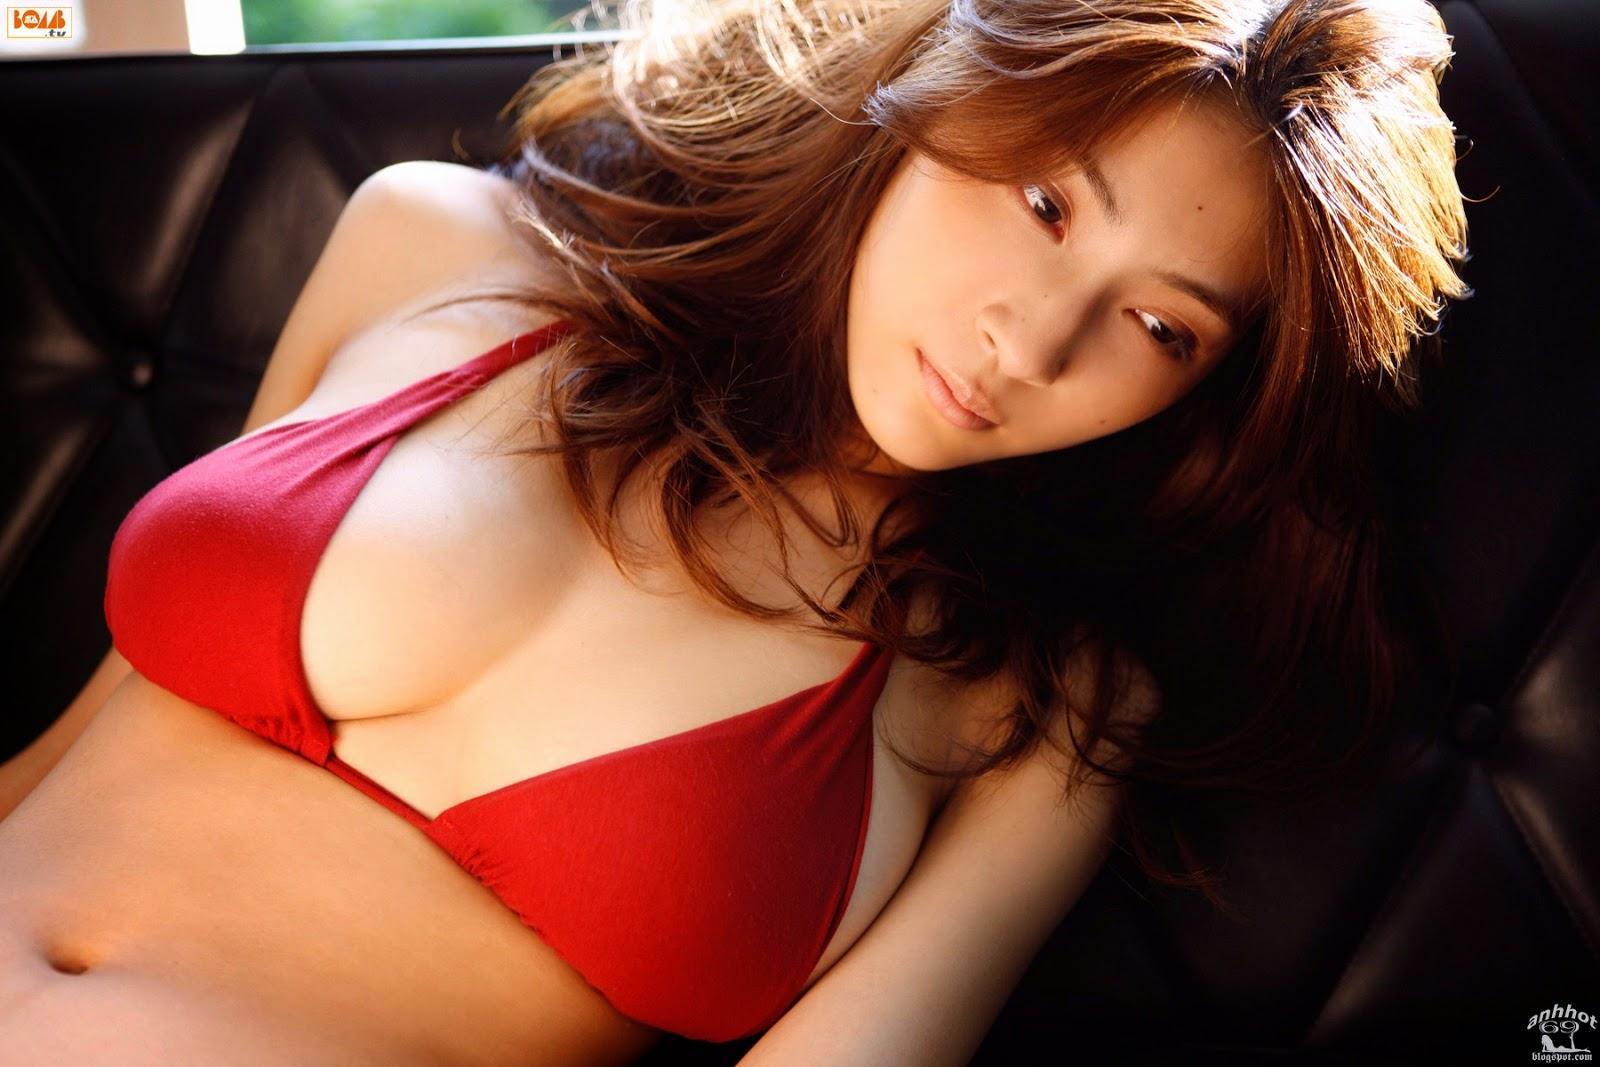 asana-mamoru-00893203